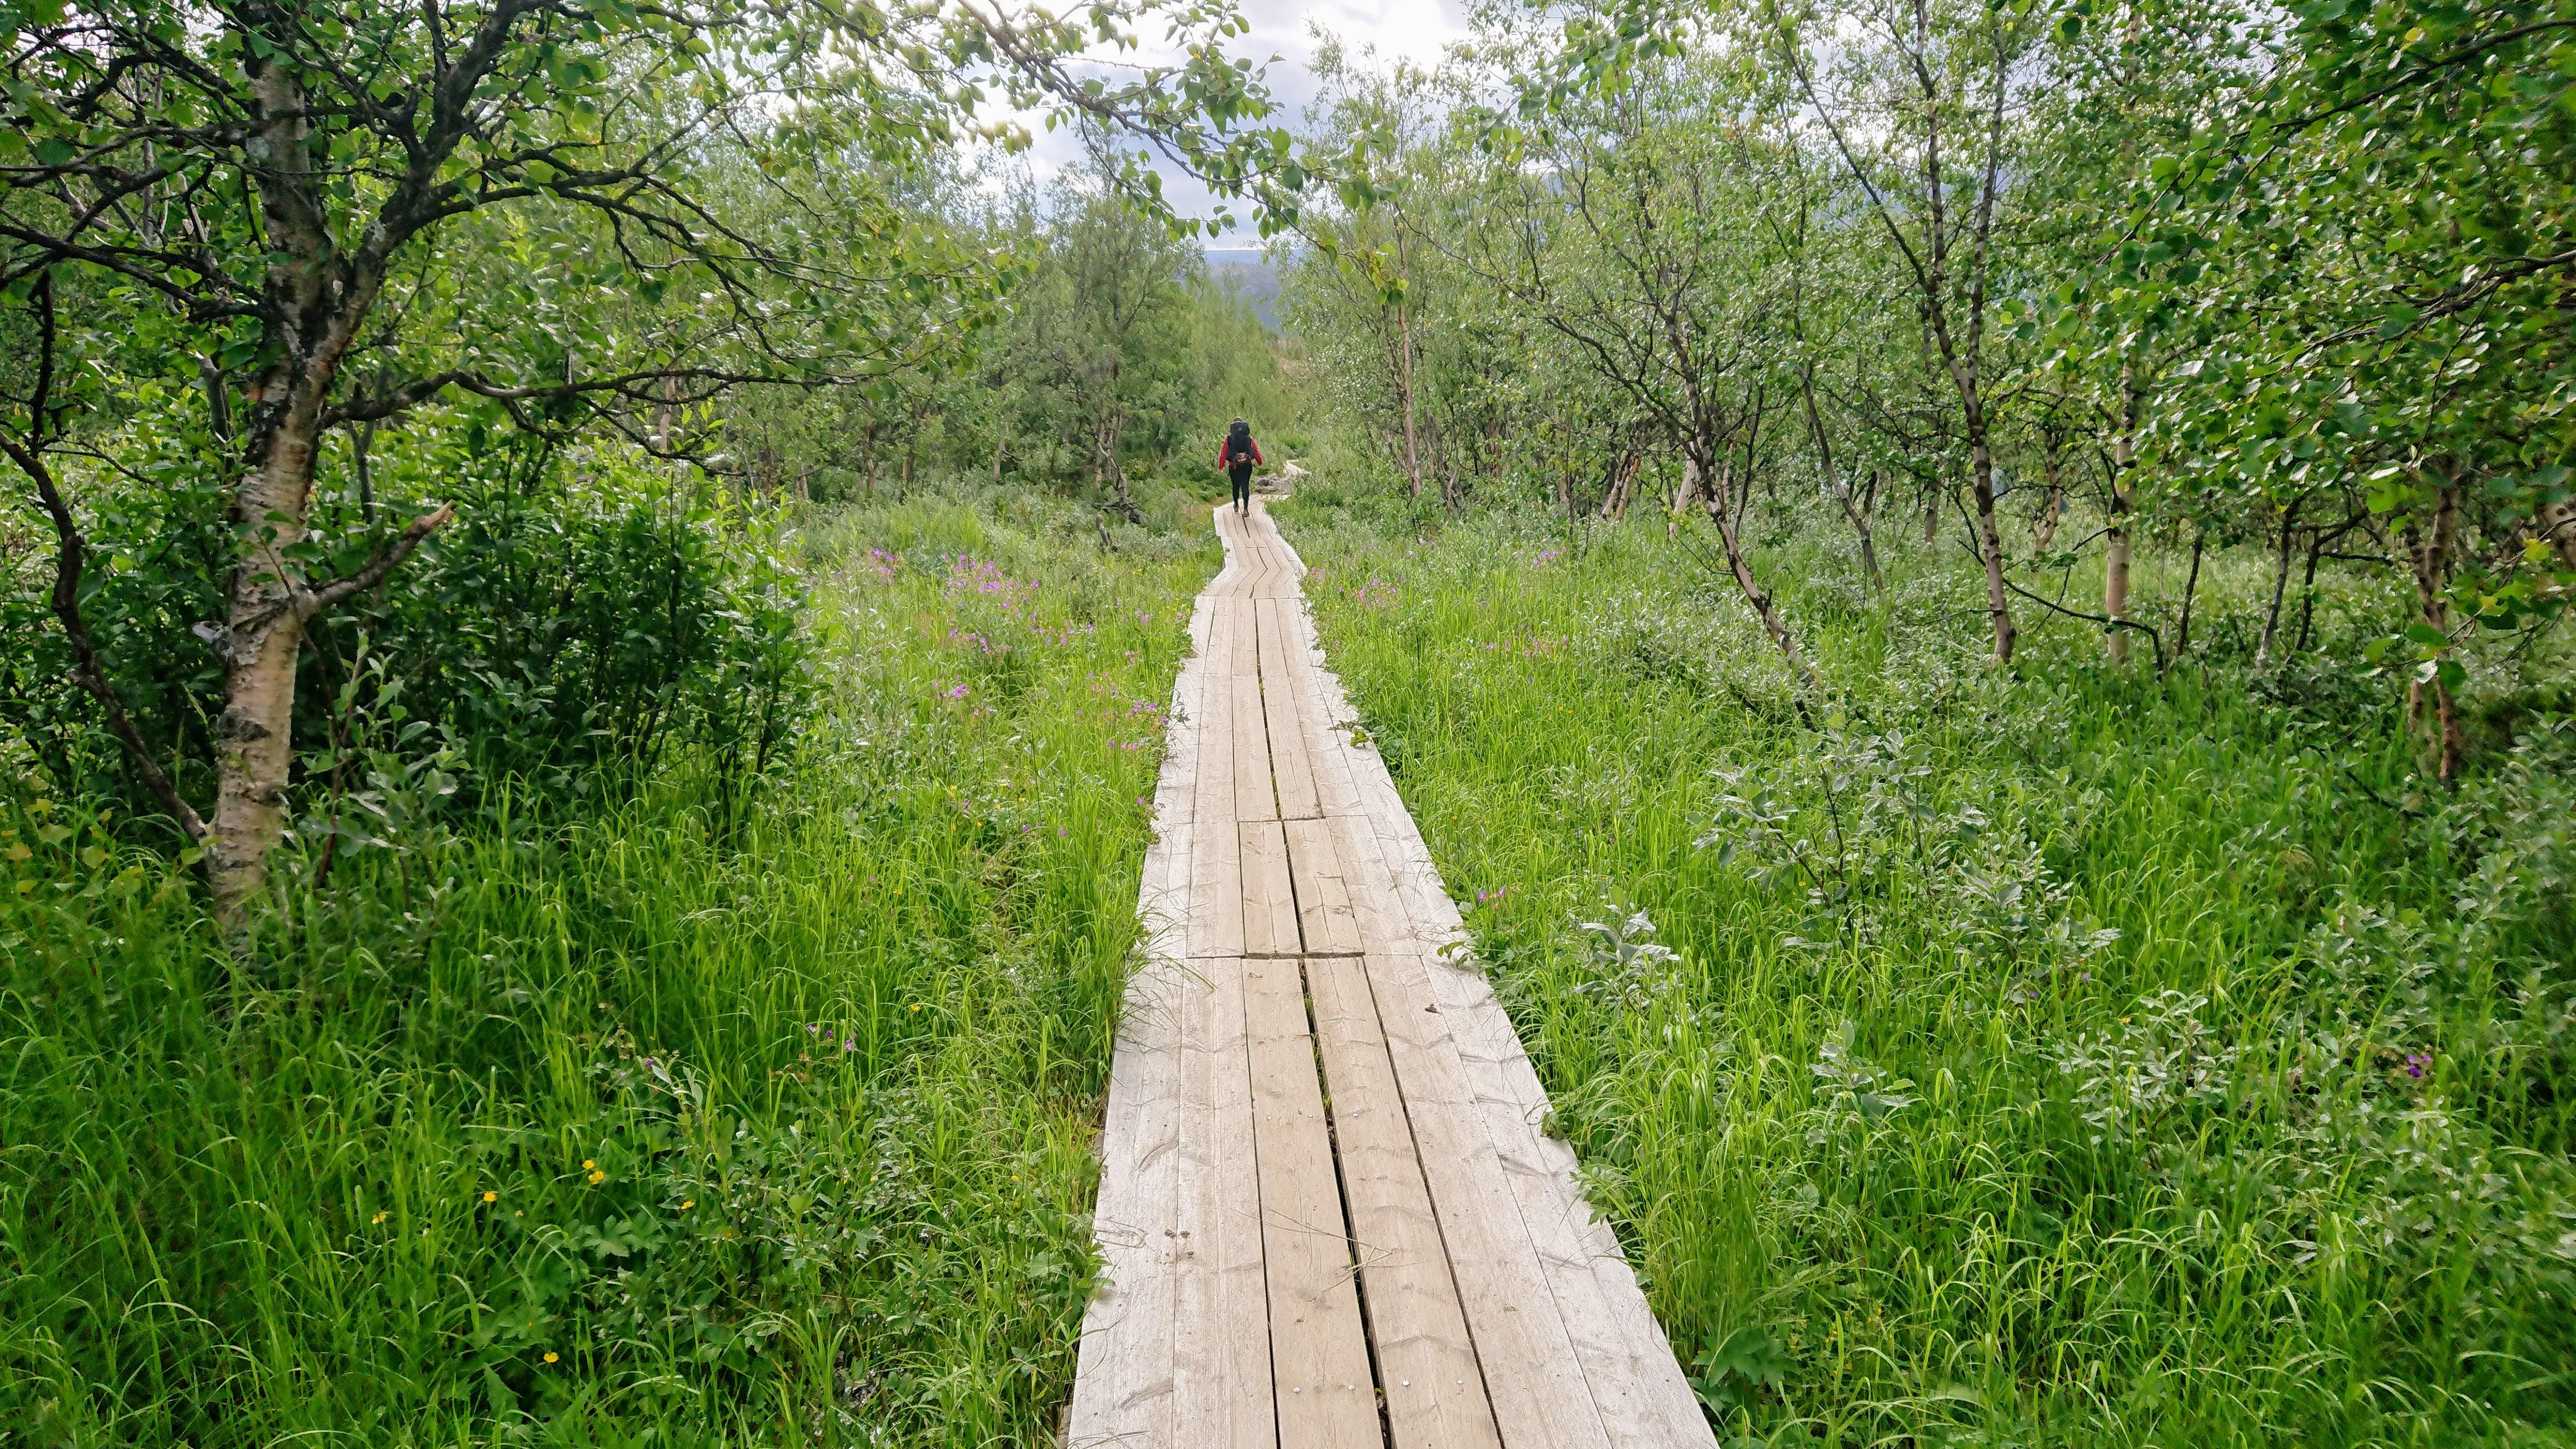 Final stretch to Nikkaluokta